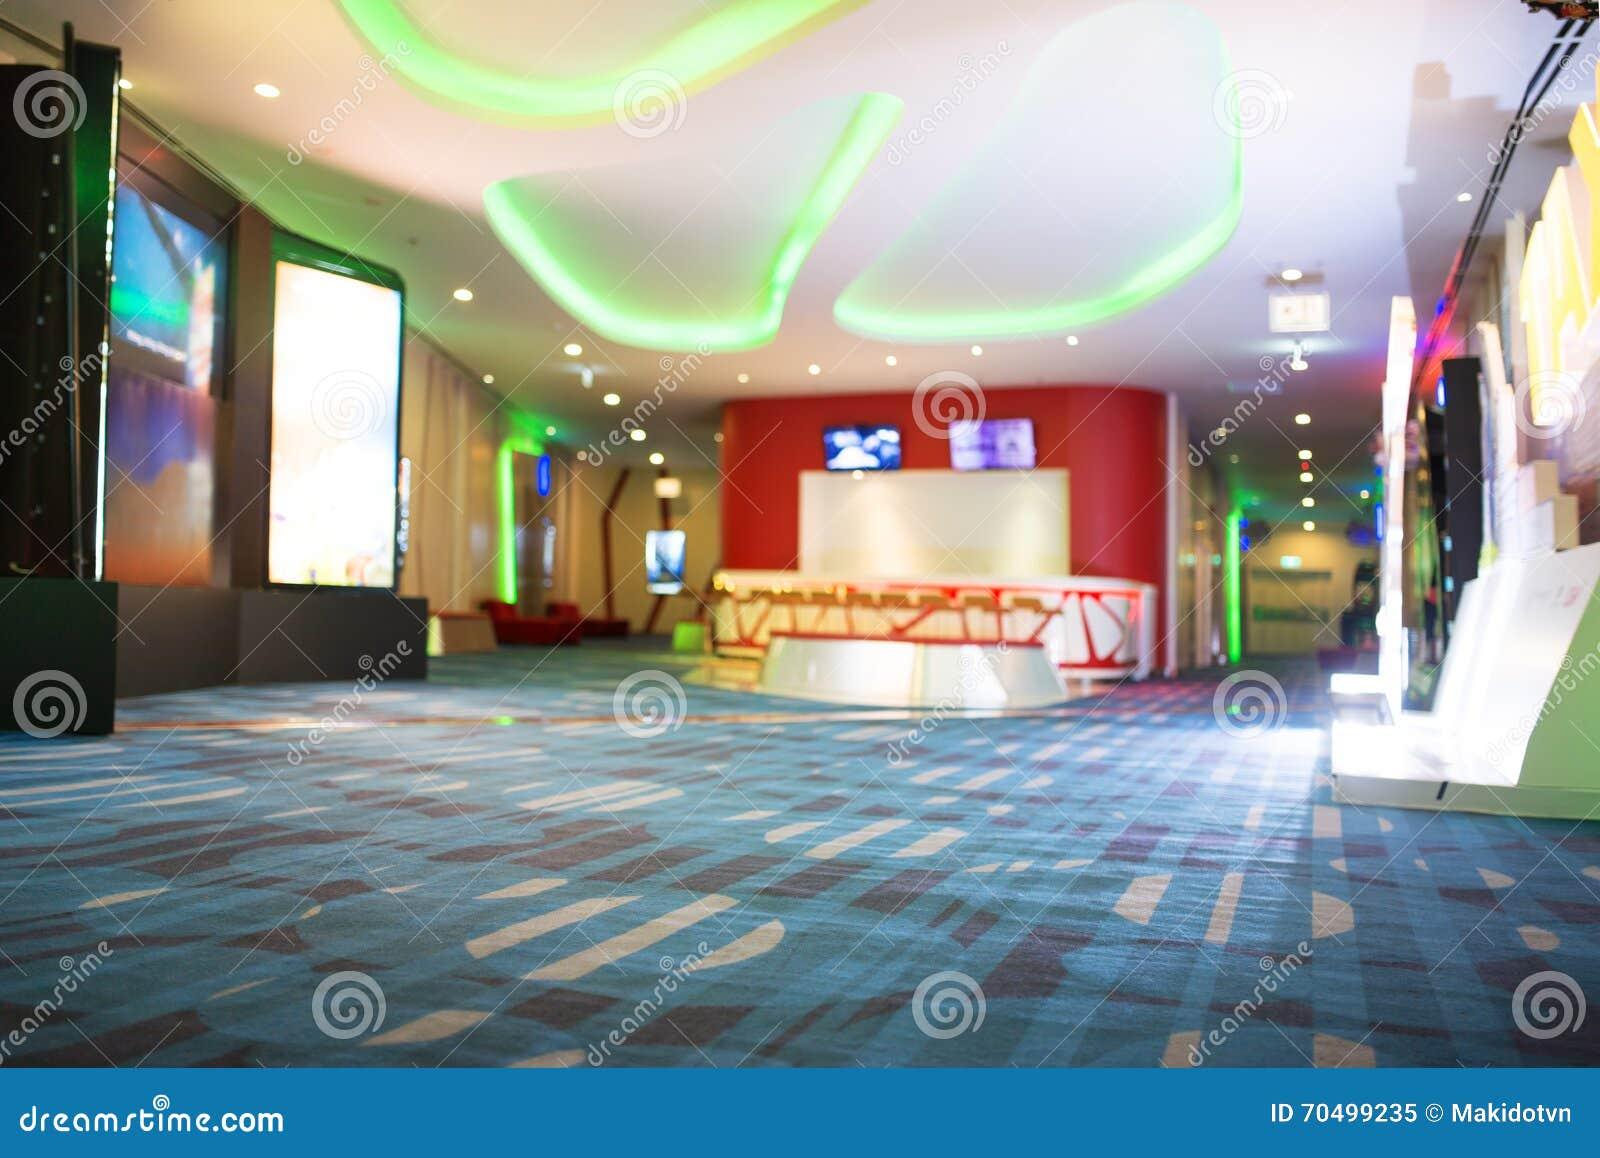 Unschärfe von Defocus-Hintergrund von Leute-Wartebereichen im Film oder im Kino-Komplex-Aufenthaltsraum